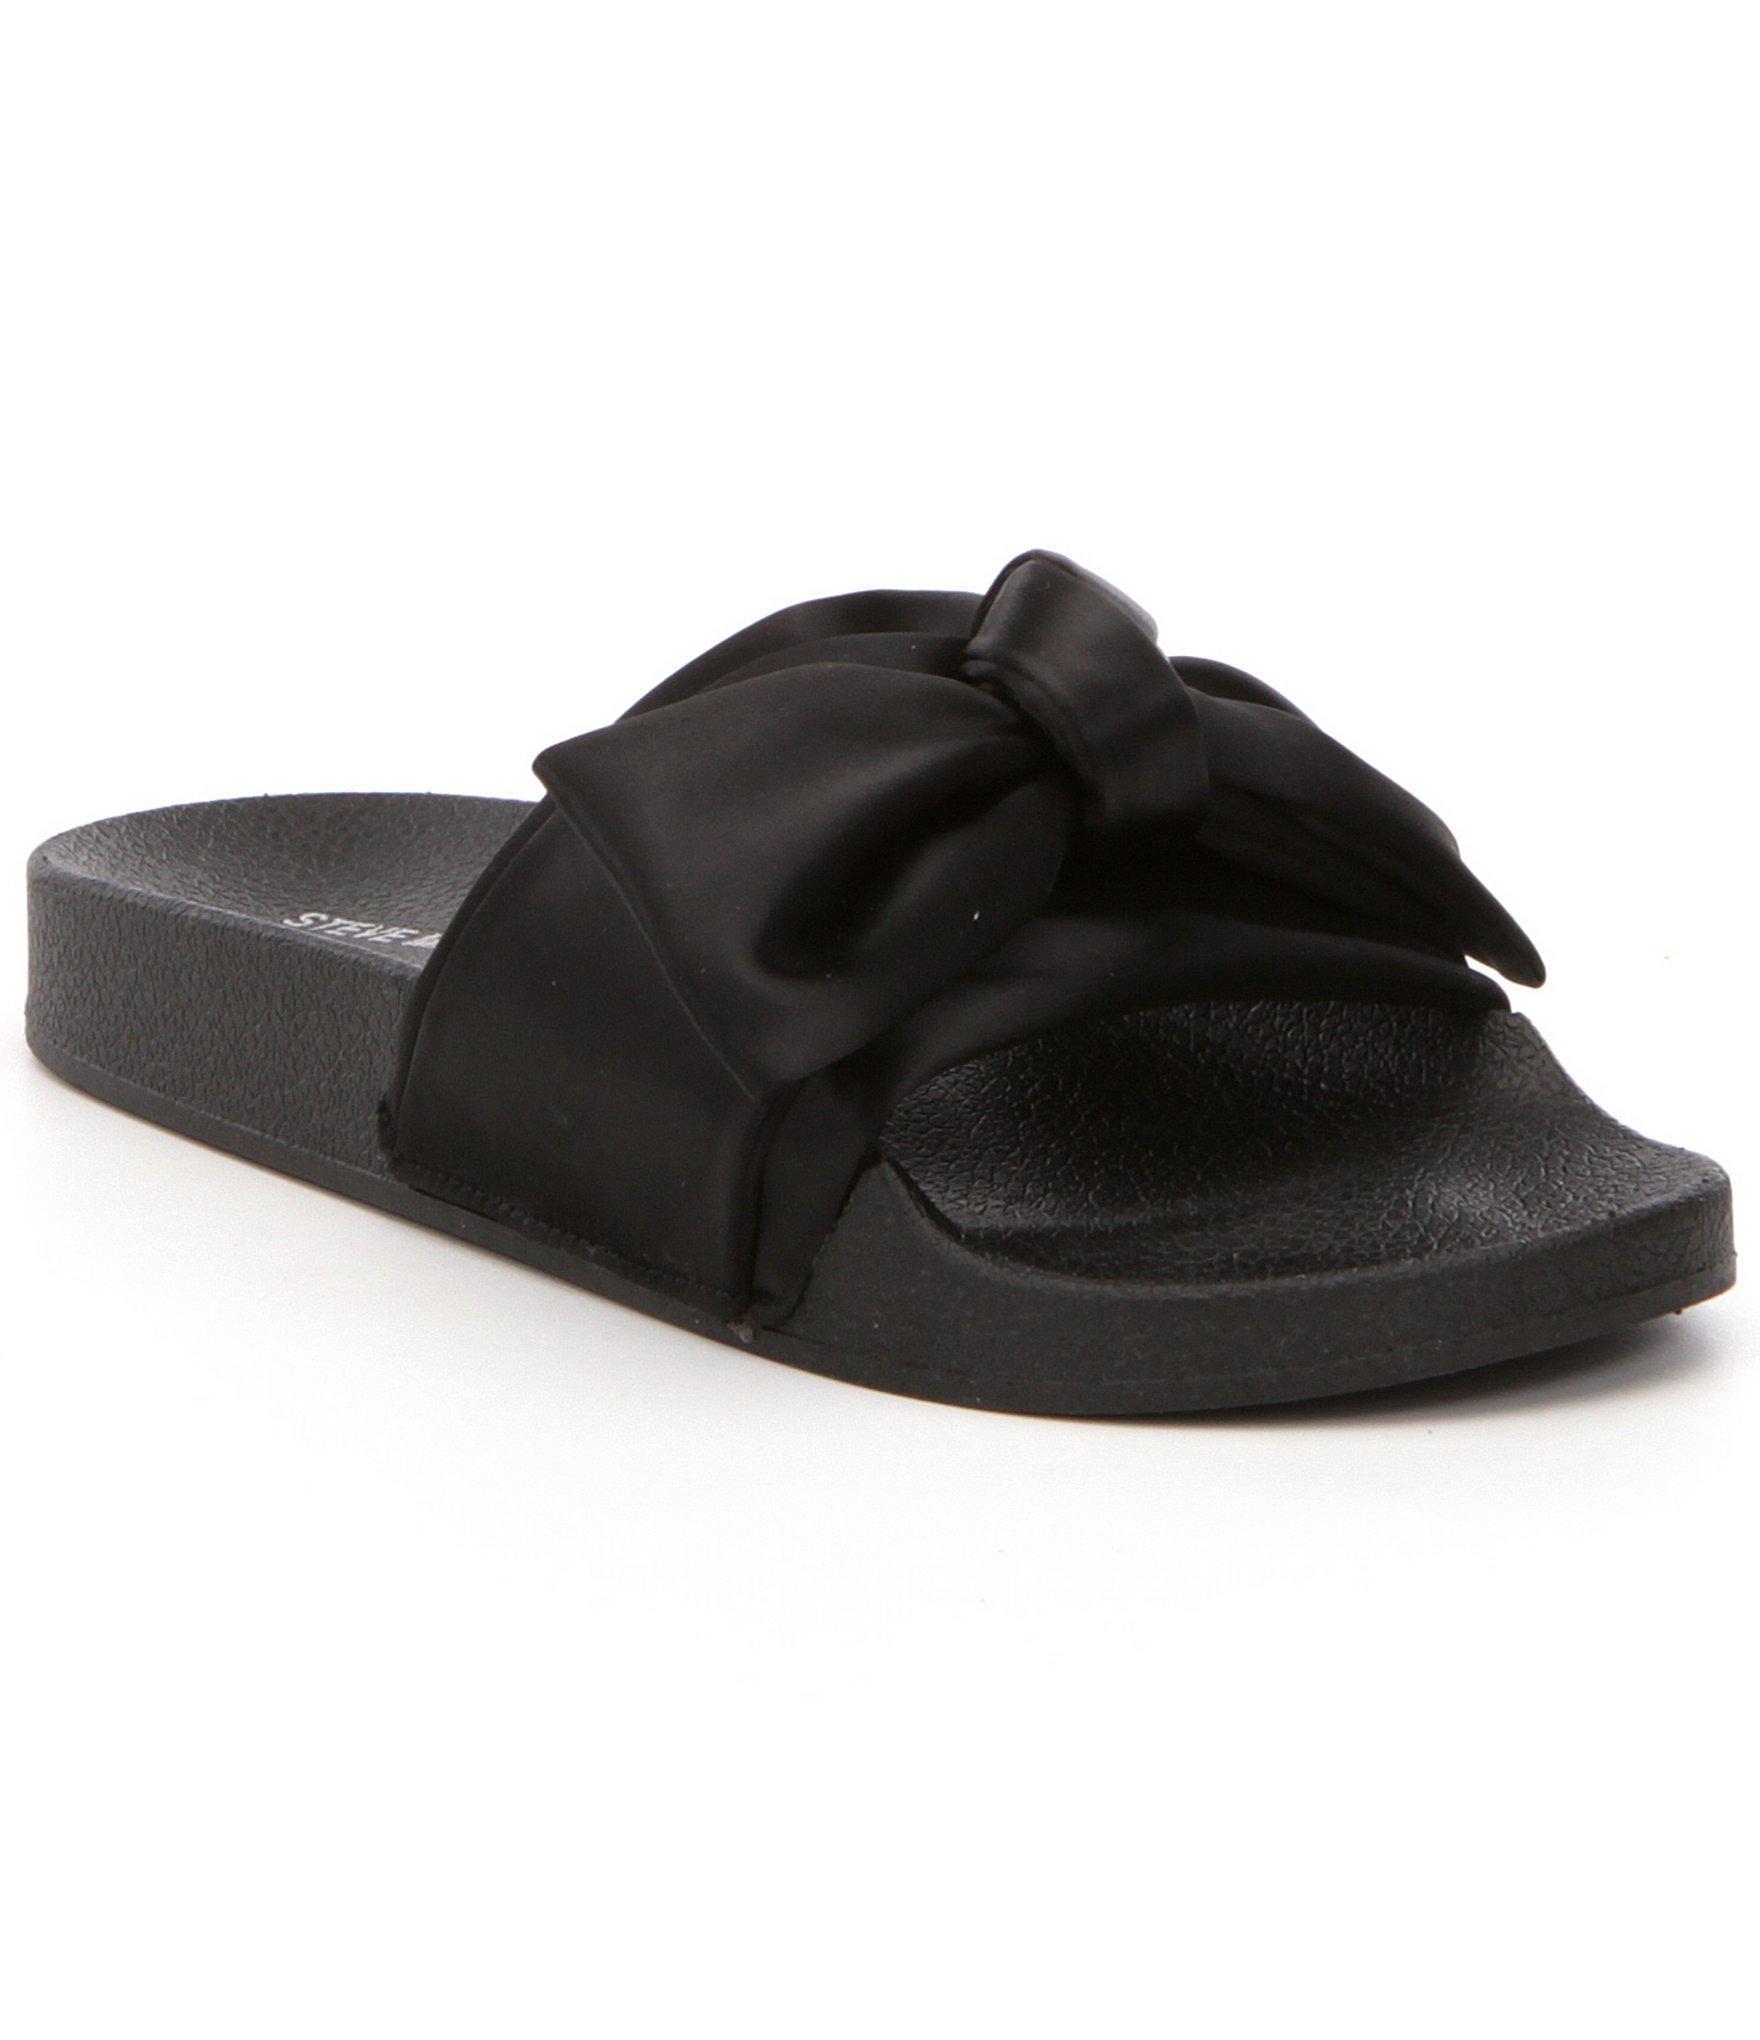 554c2b202c7 Lyst - Steve Madden Silky Bow Slides in Black